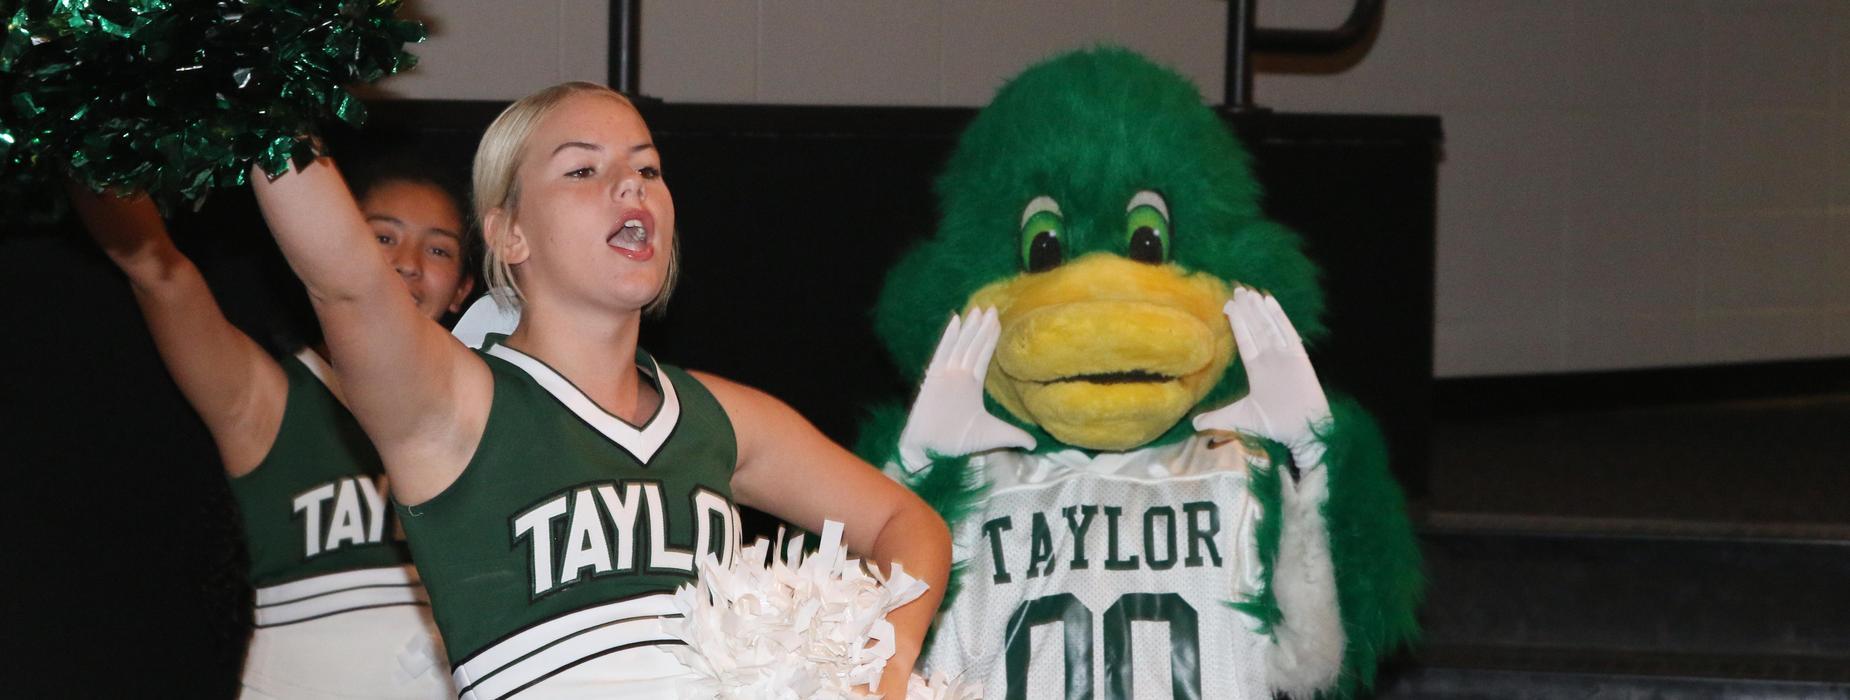 Cheerleader and Mascot